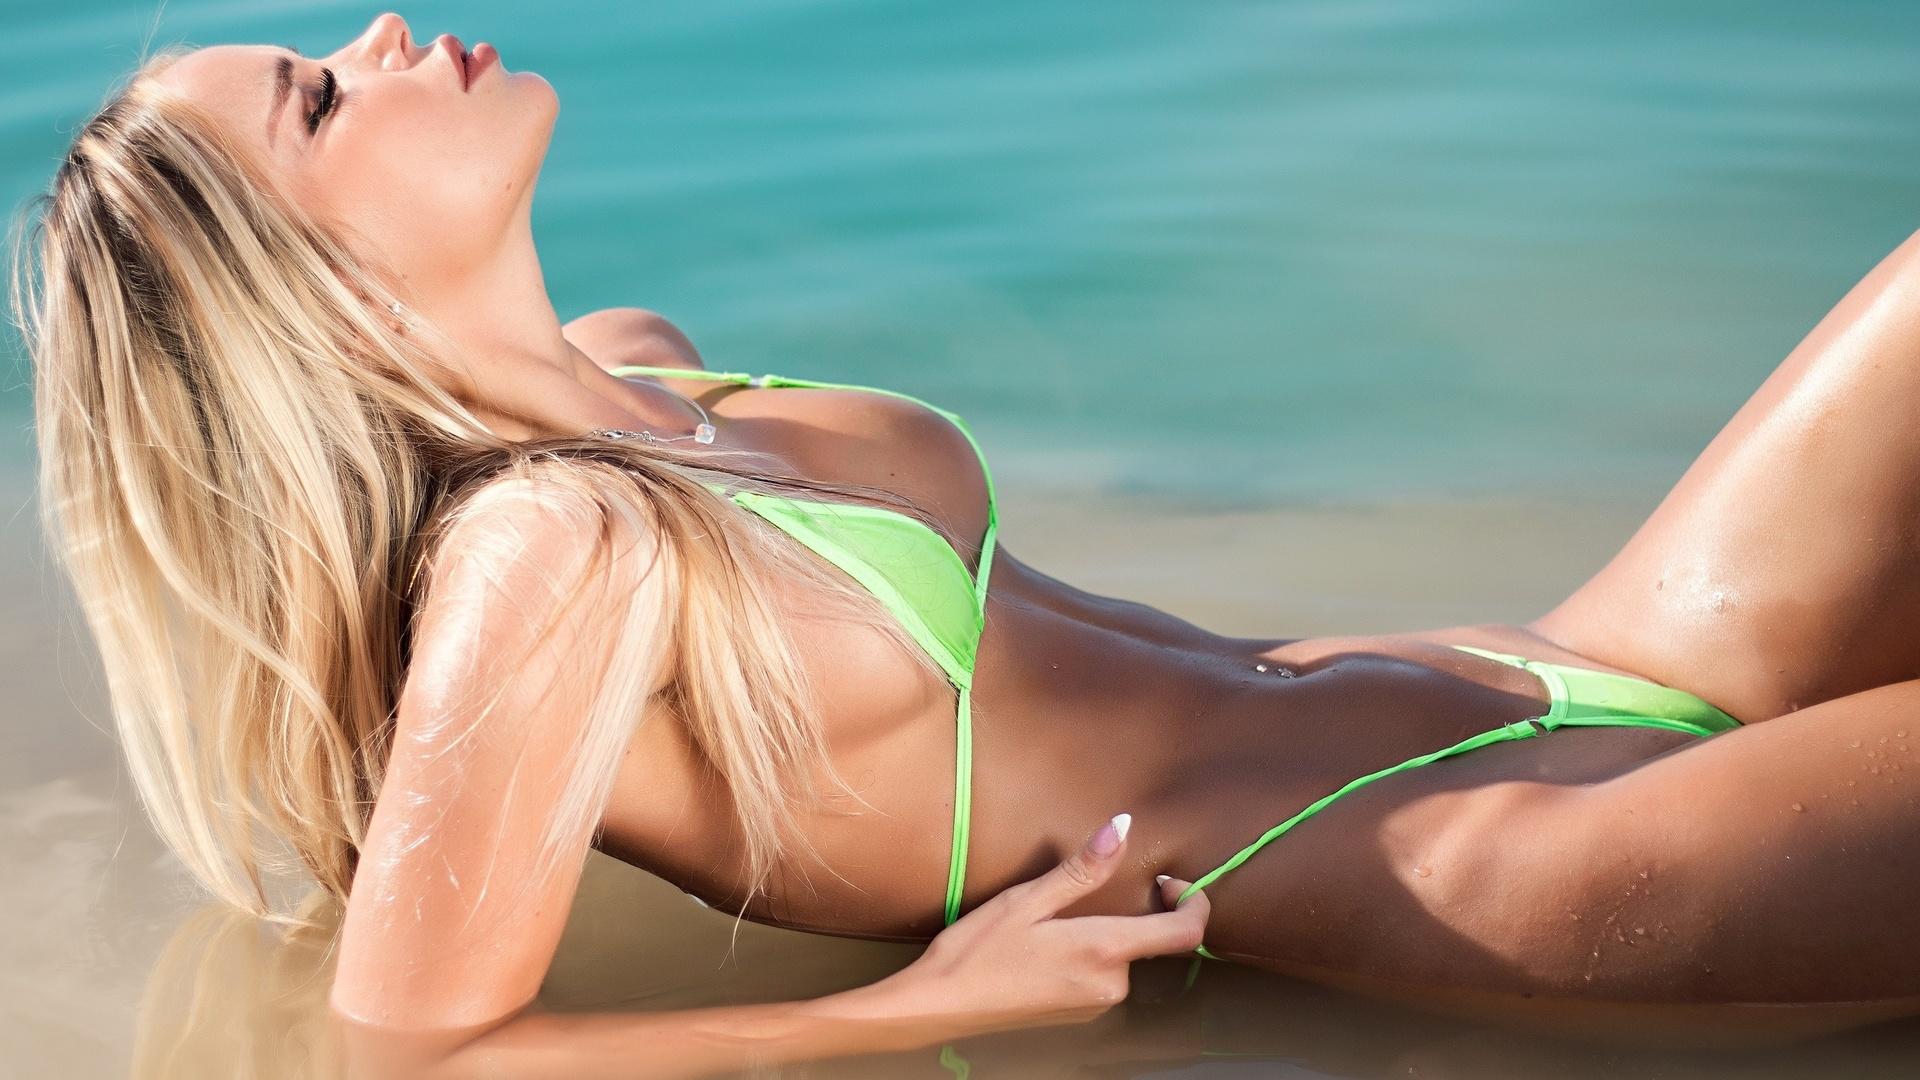 Sunbathing bikini girls pictures — photo 11